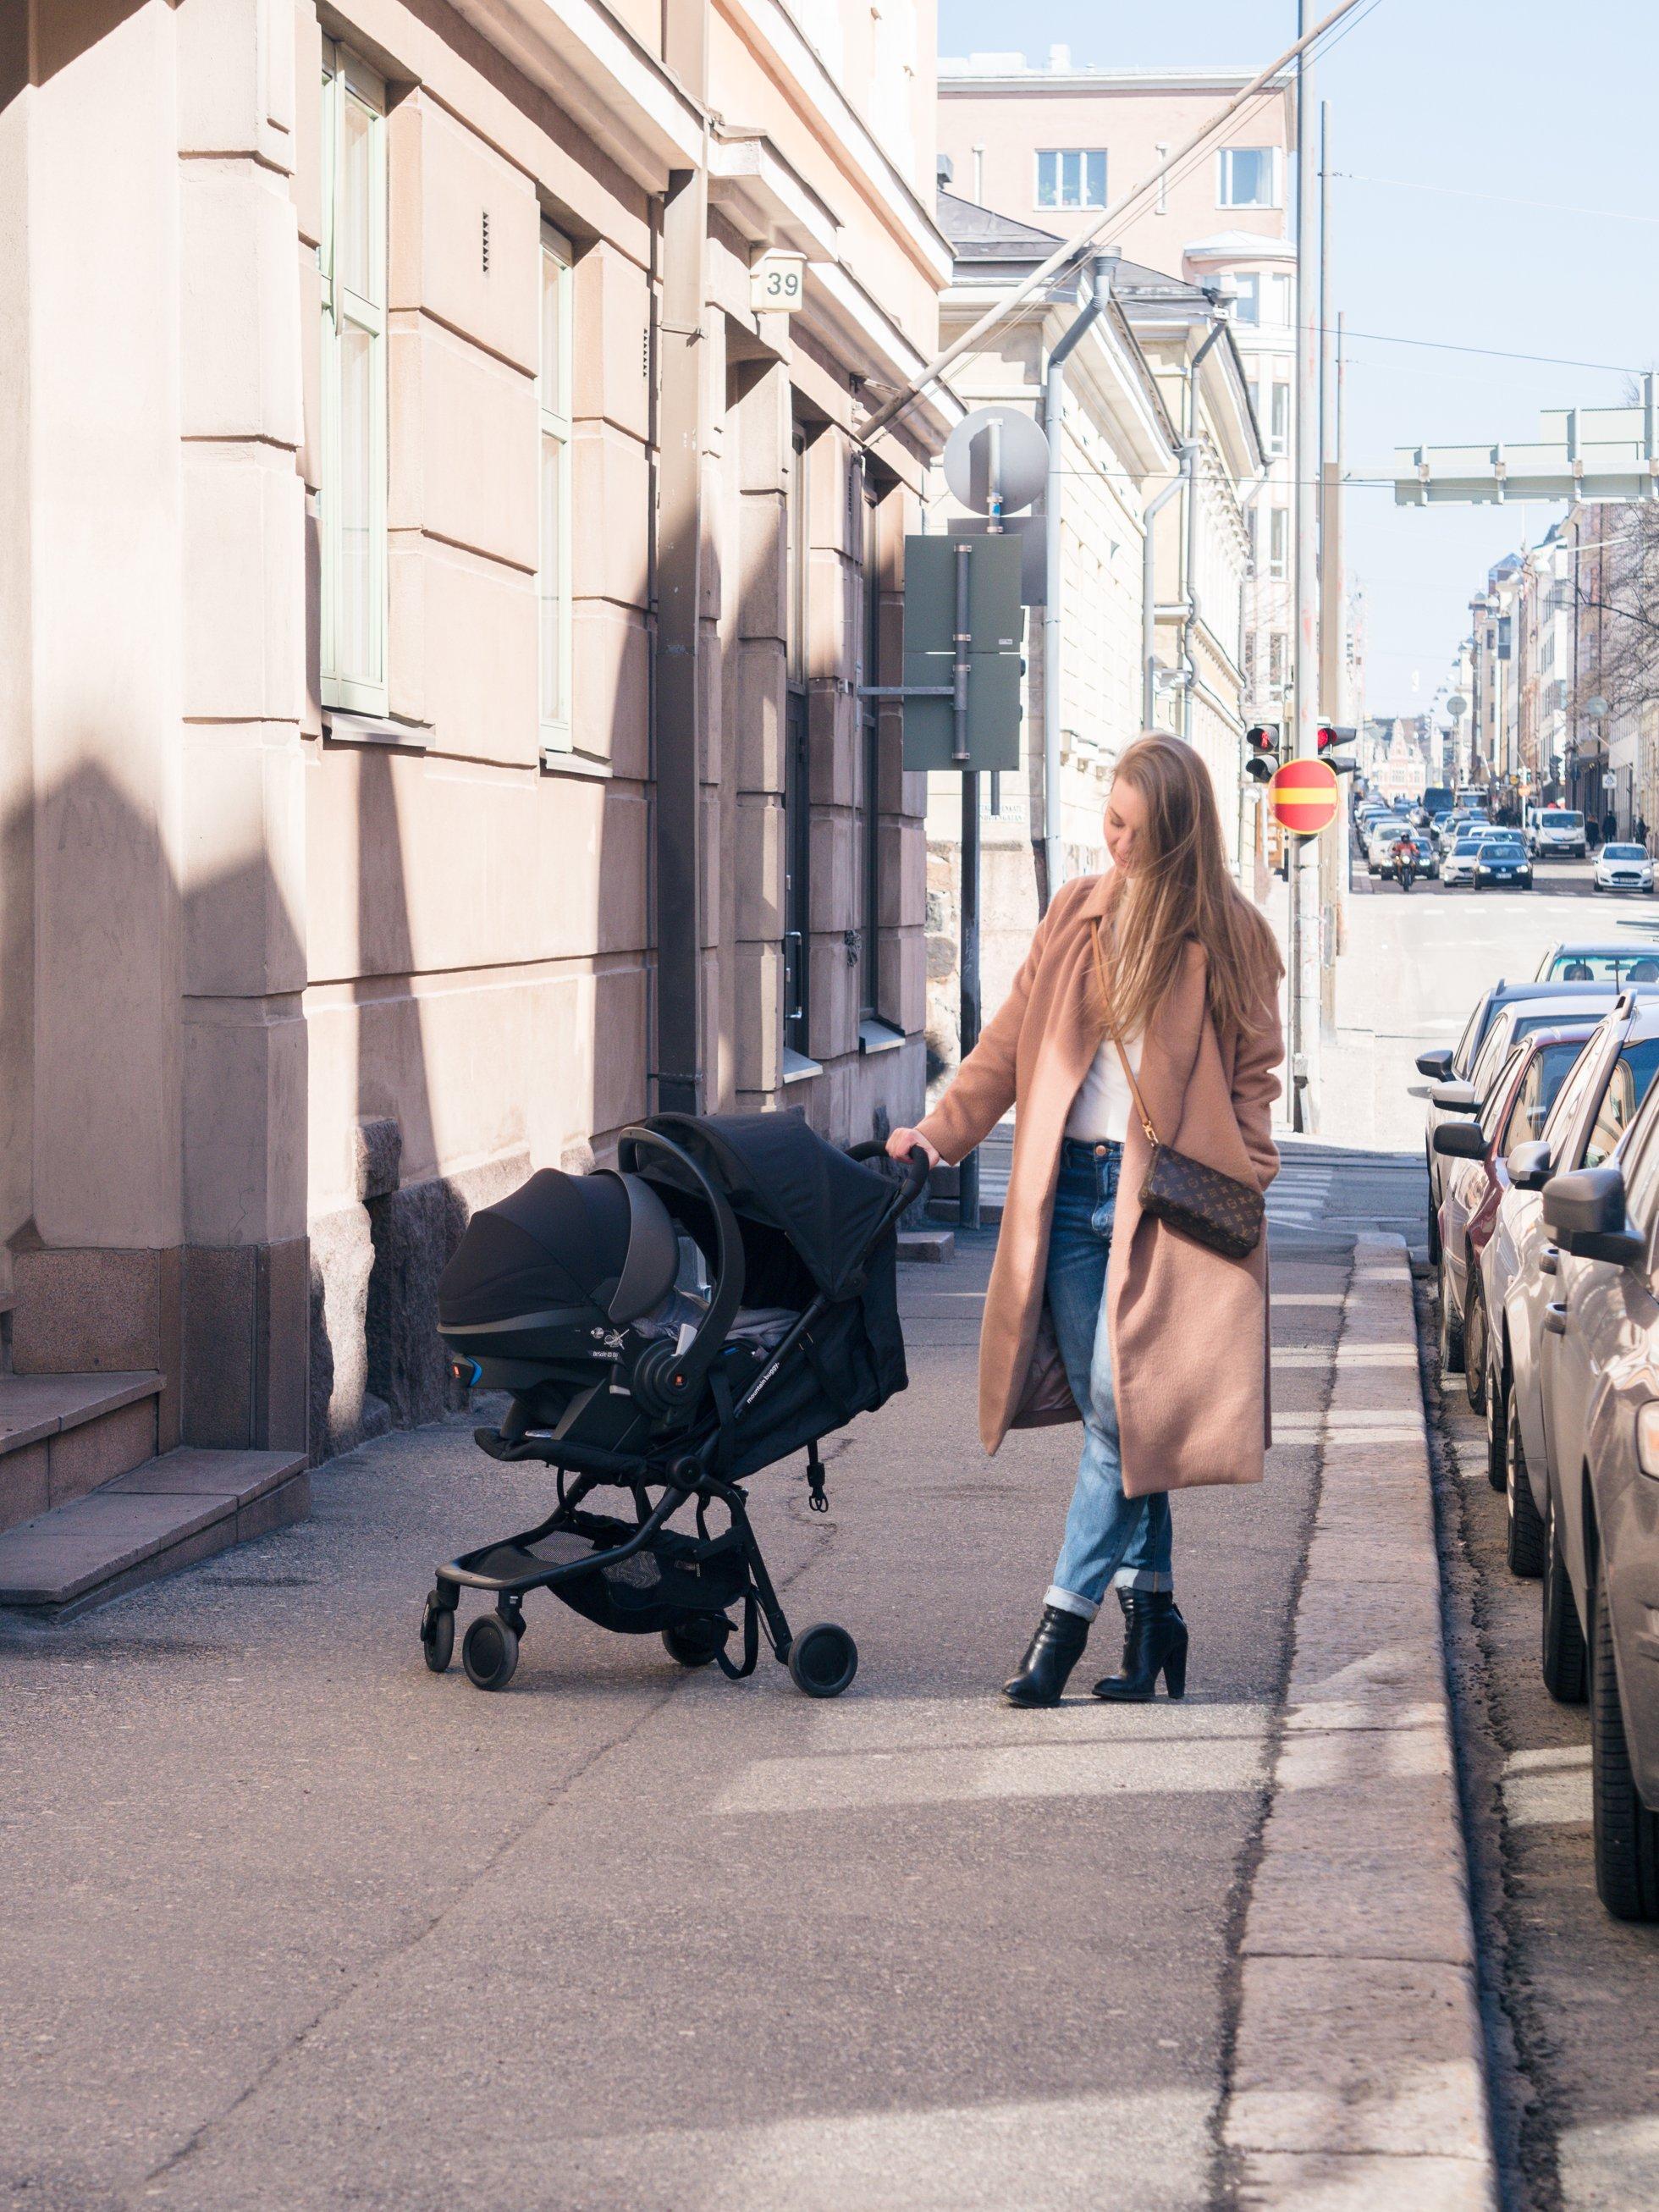 Vauvan Kanssa Matkustaminen